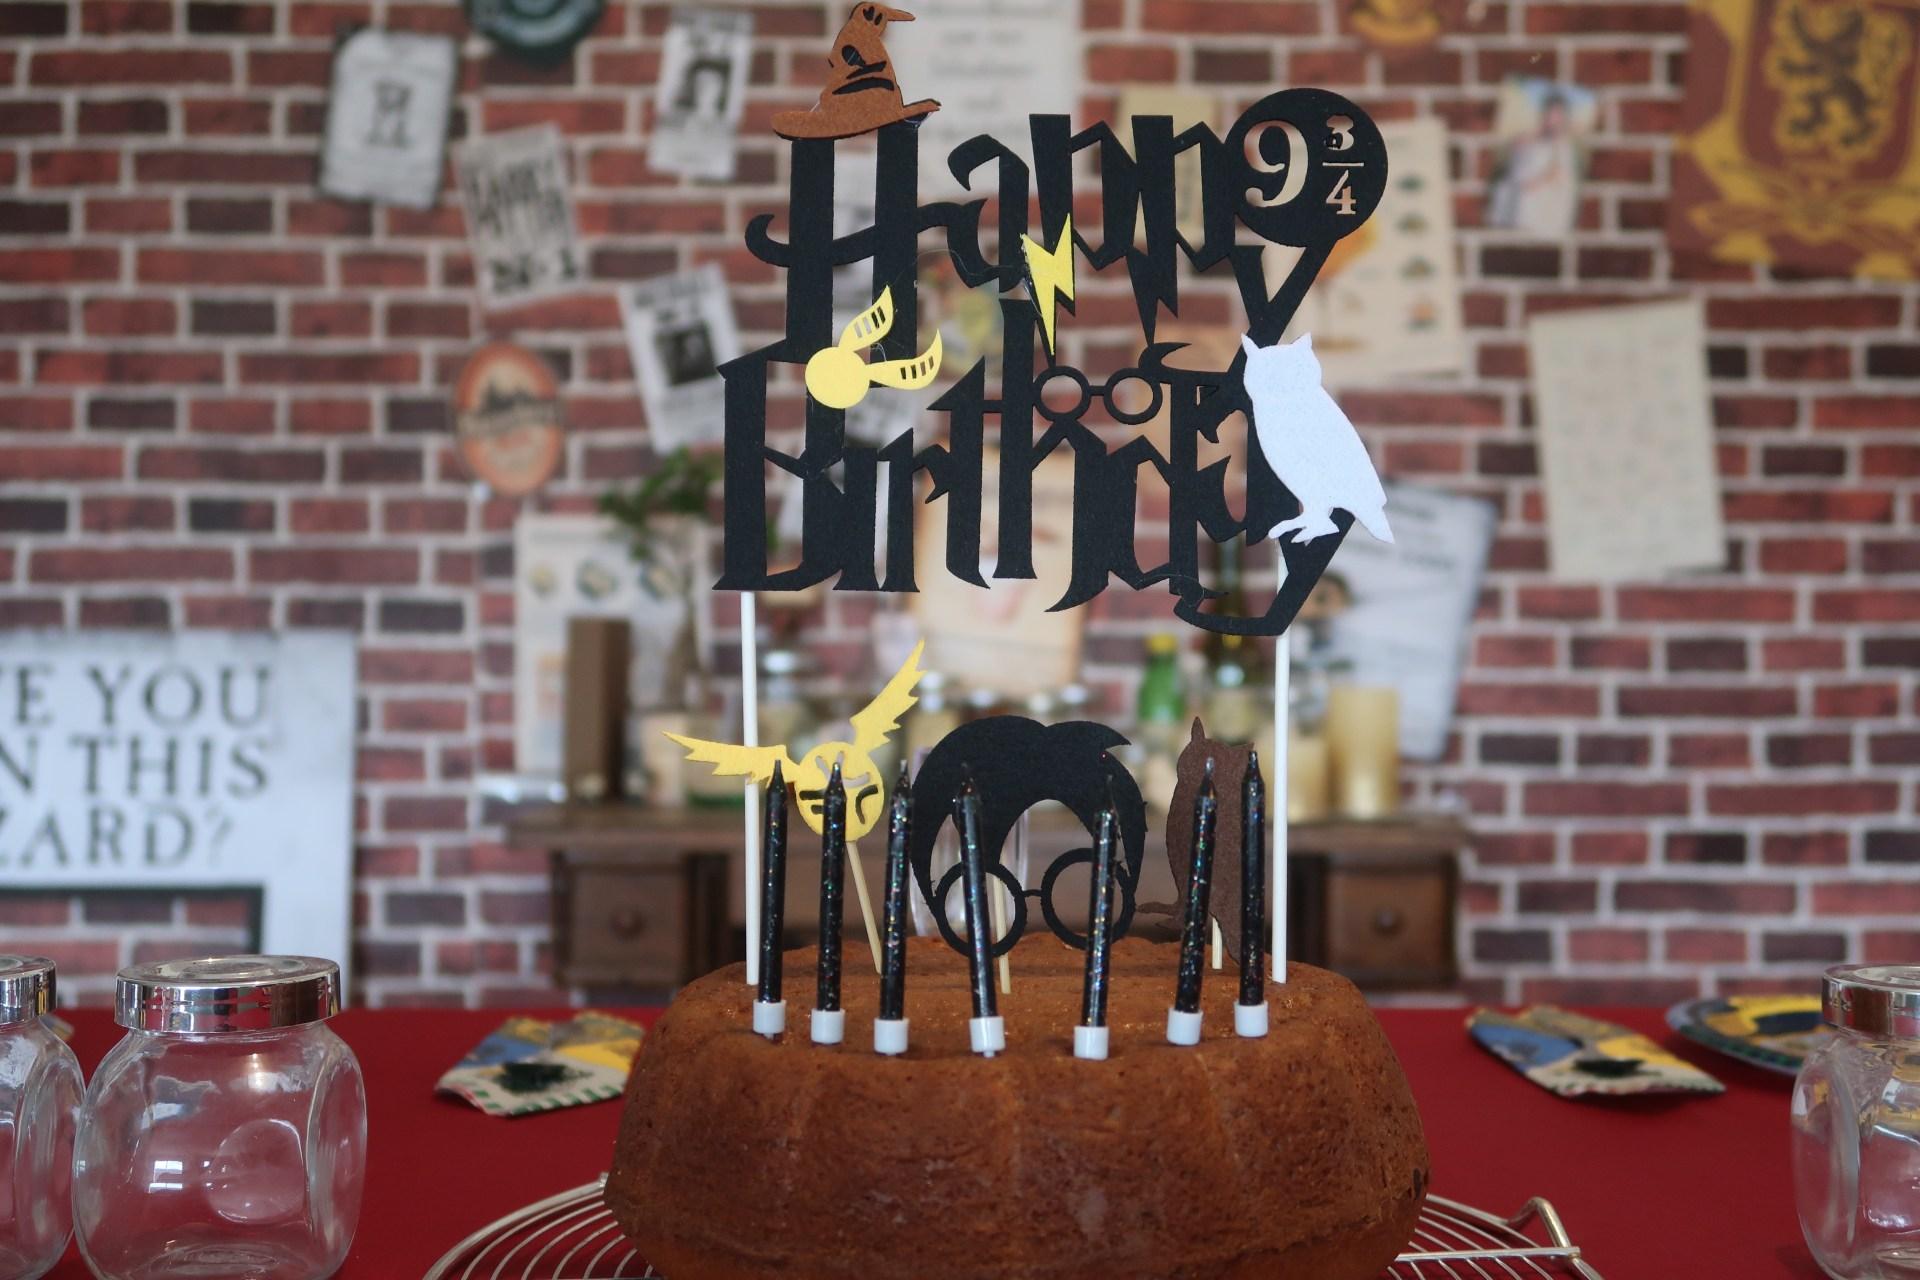 Organiser un anniversaire Harry Potter : idées + scénario - Stellma